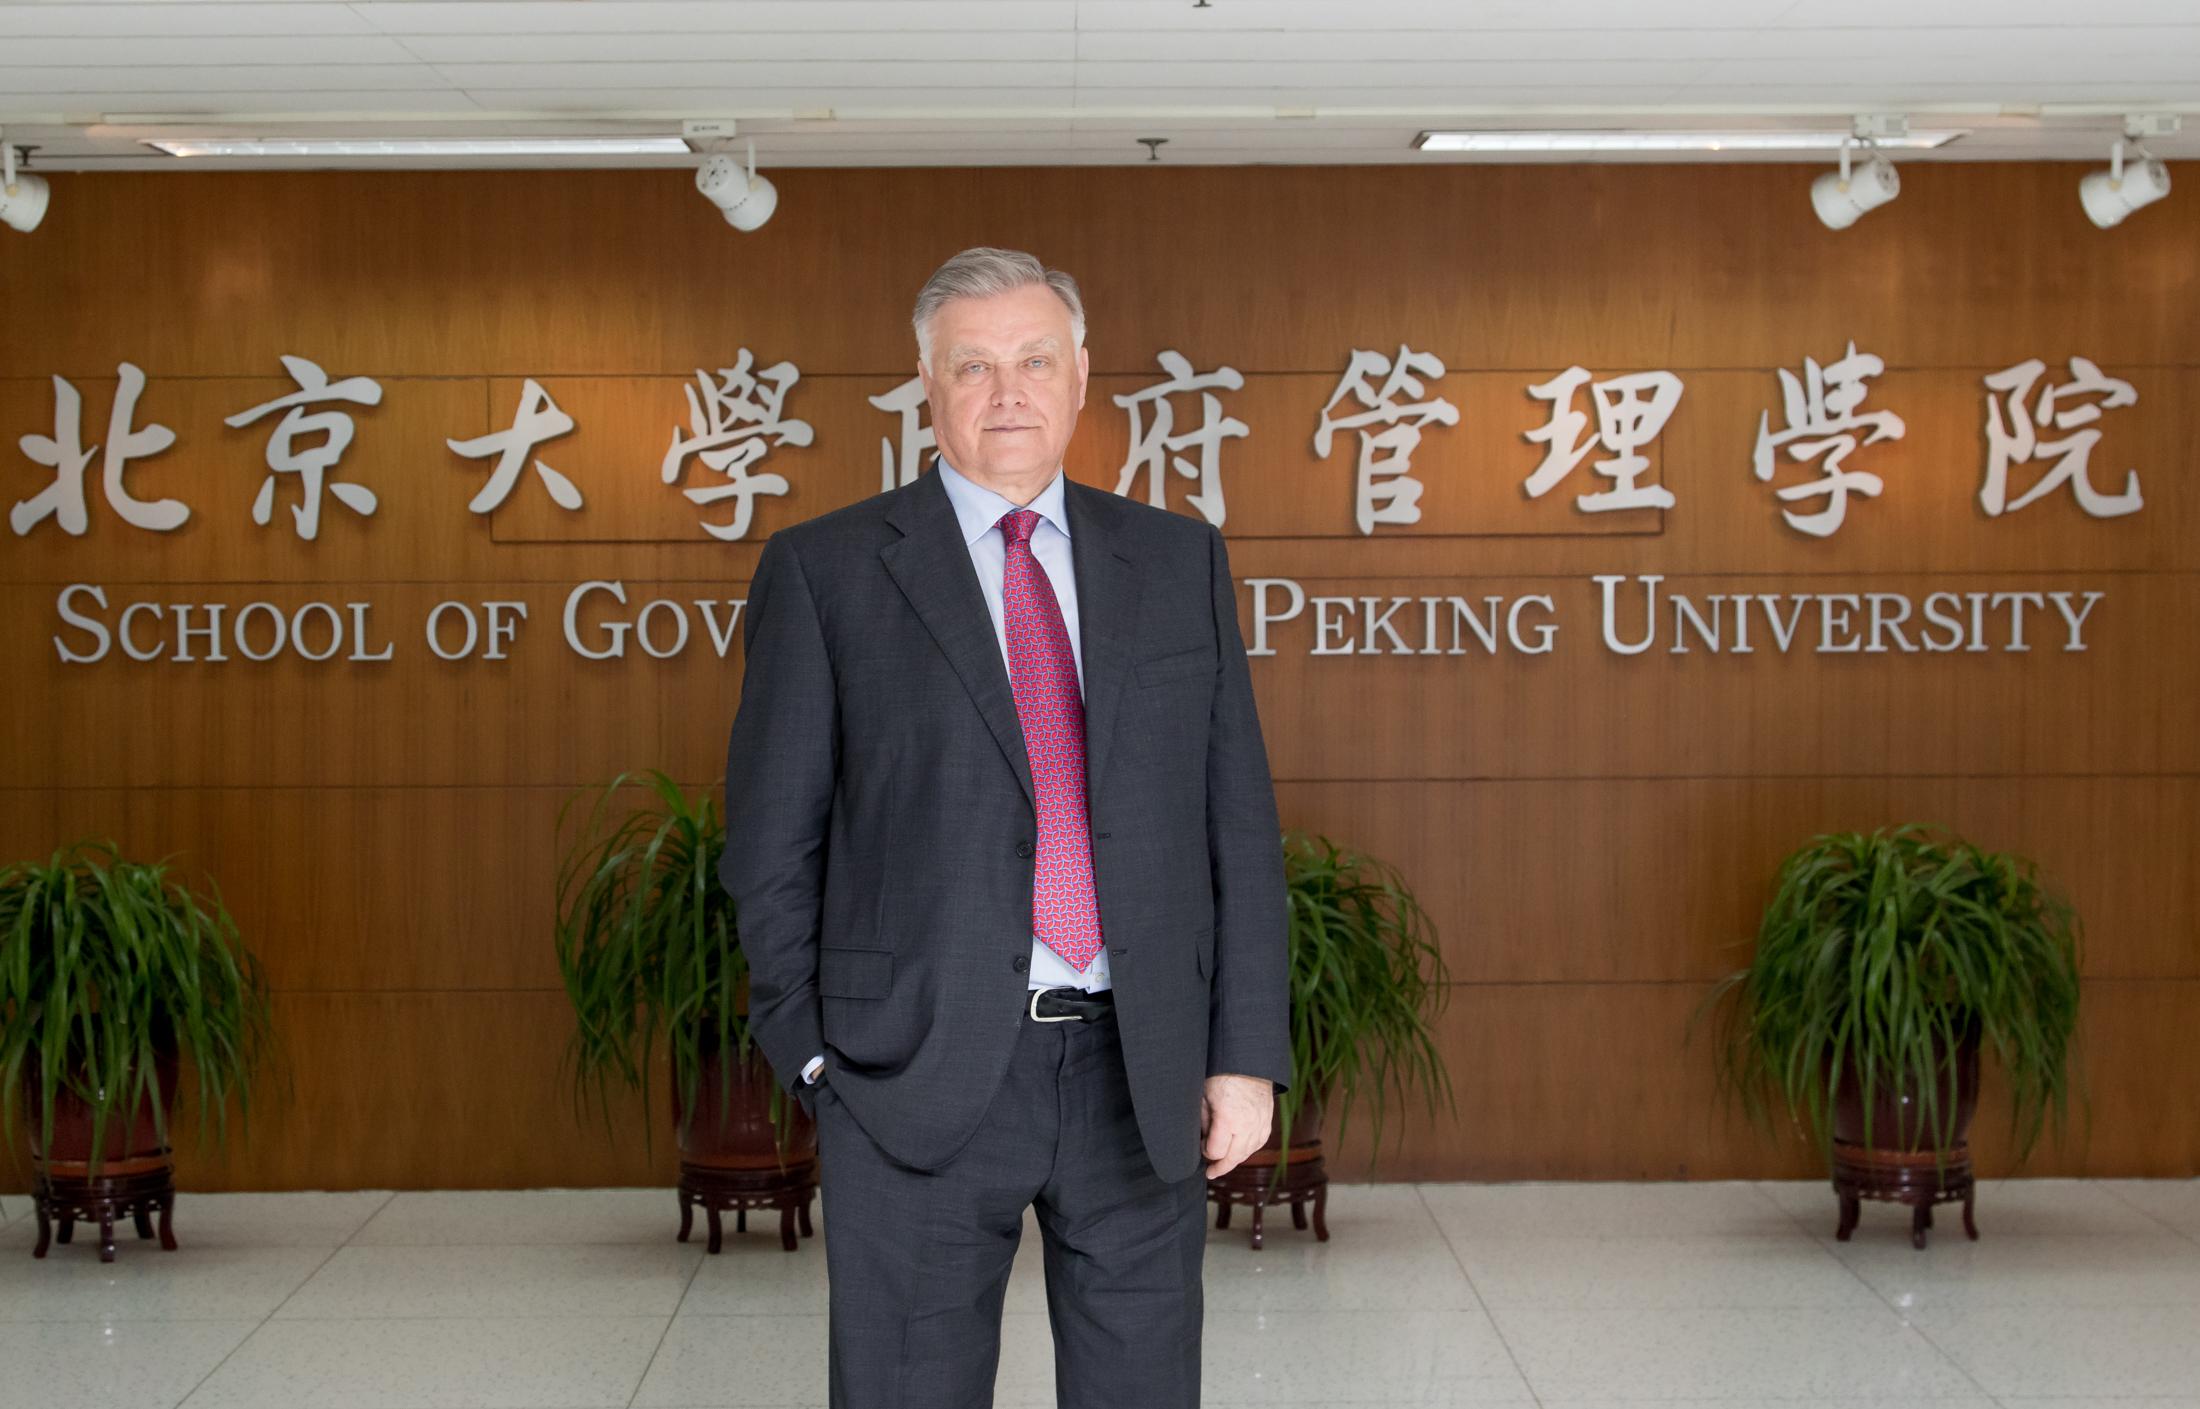 Заведующий кафедрой государственной политики МГУ, доктор политических наук В.И. Якунин стал приглашённым профессором Пекинского университета (Peking University)